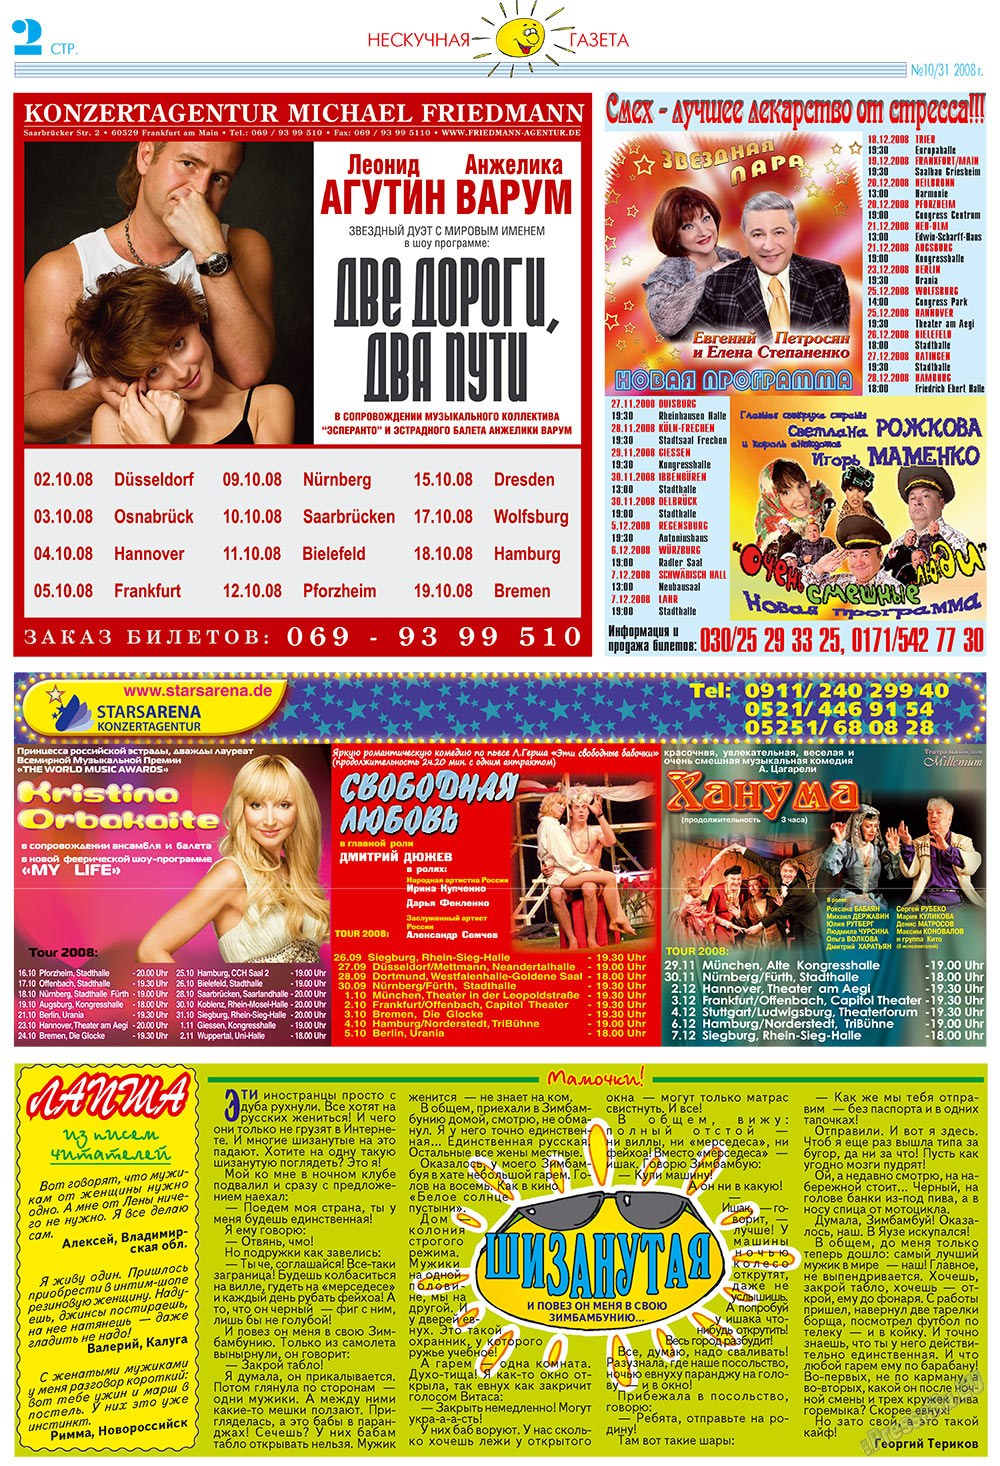 Нескучная газета (газета). 2008 год, номер 10, стр. 2